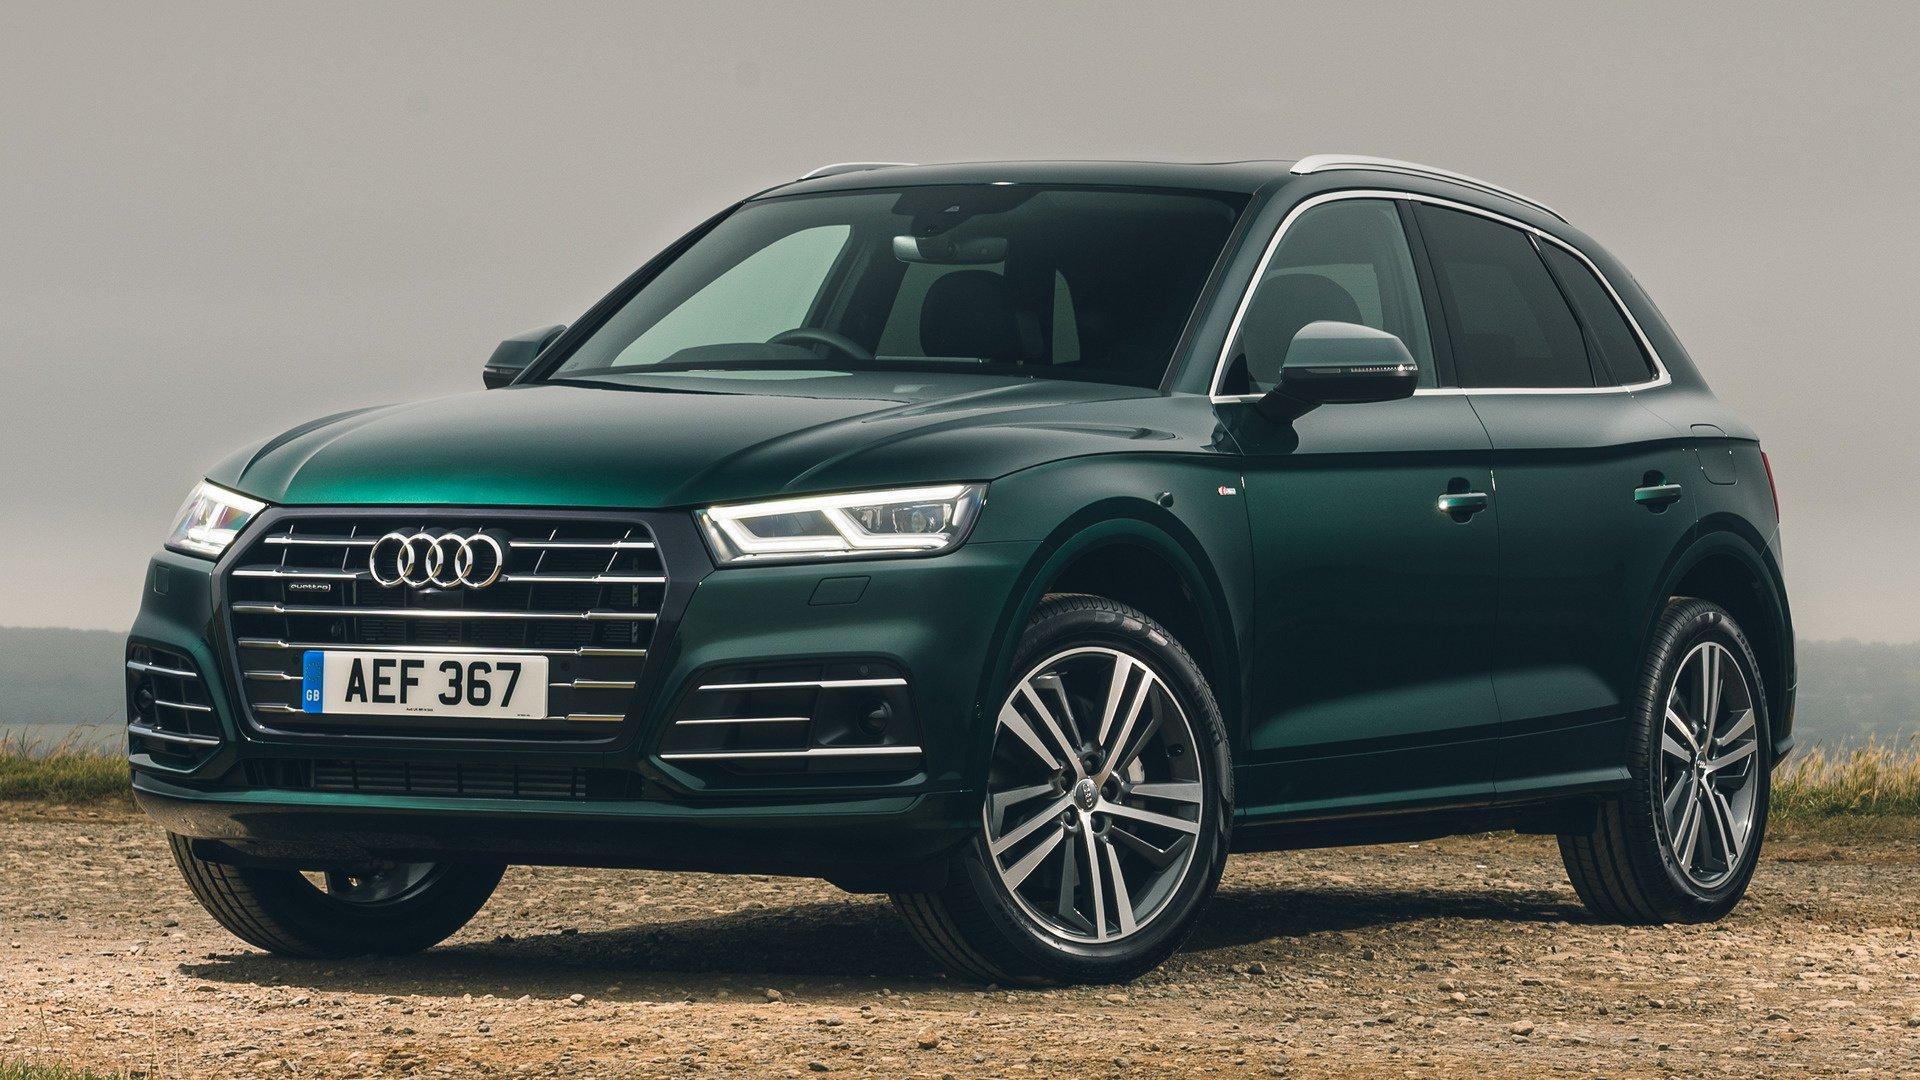 2019 Audi Q5 S Line Fondo De Pantalla Hd Fondo De